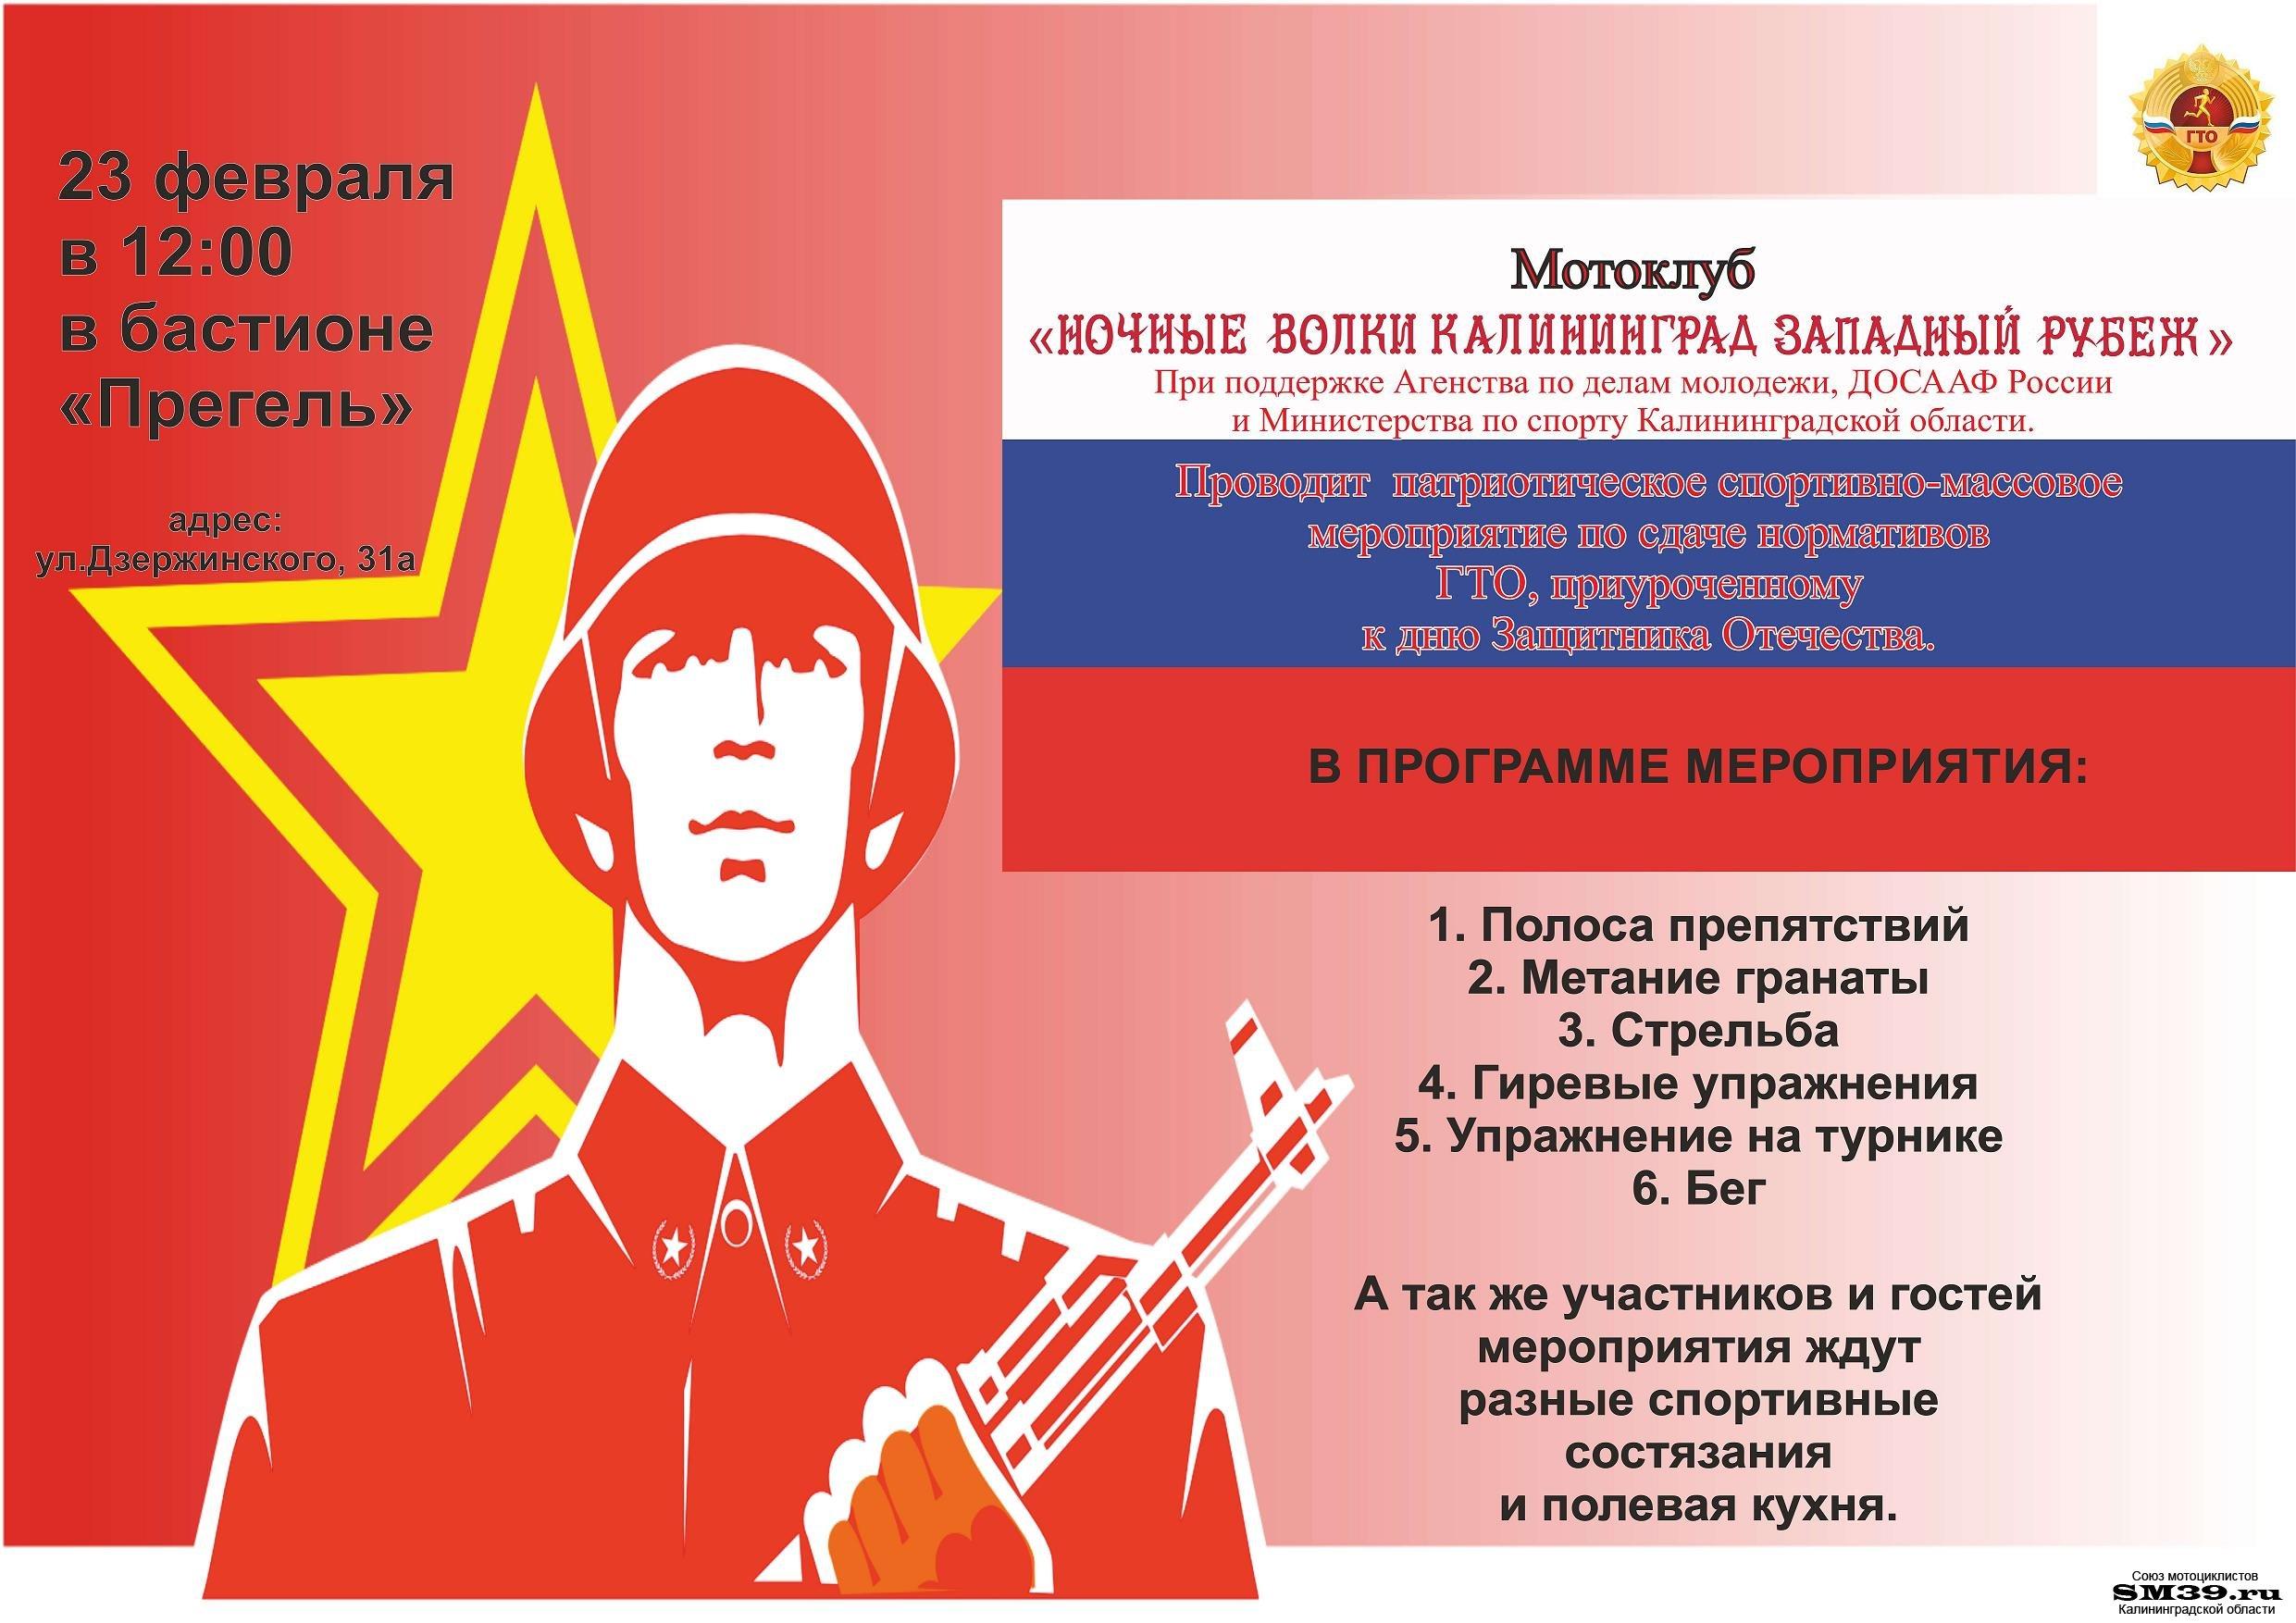 23 февраля, сдача нормативов ГТО